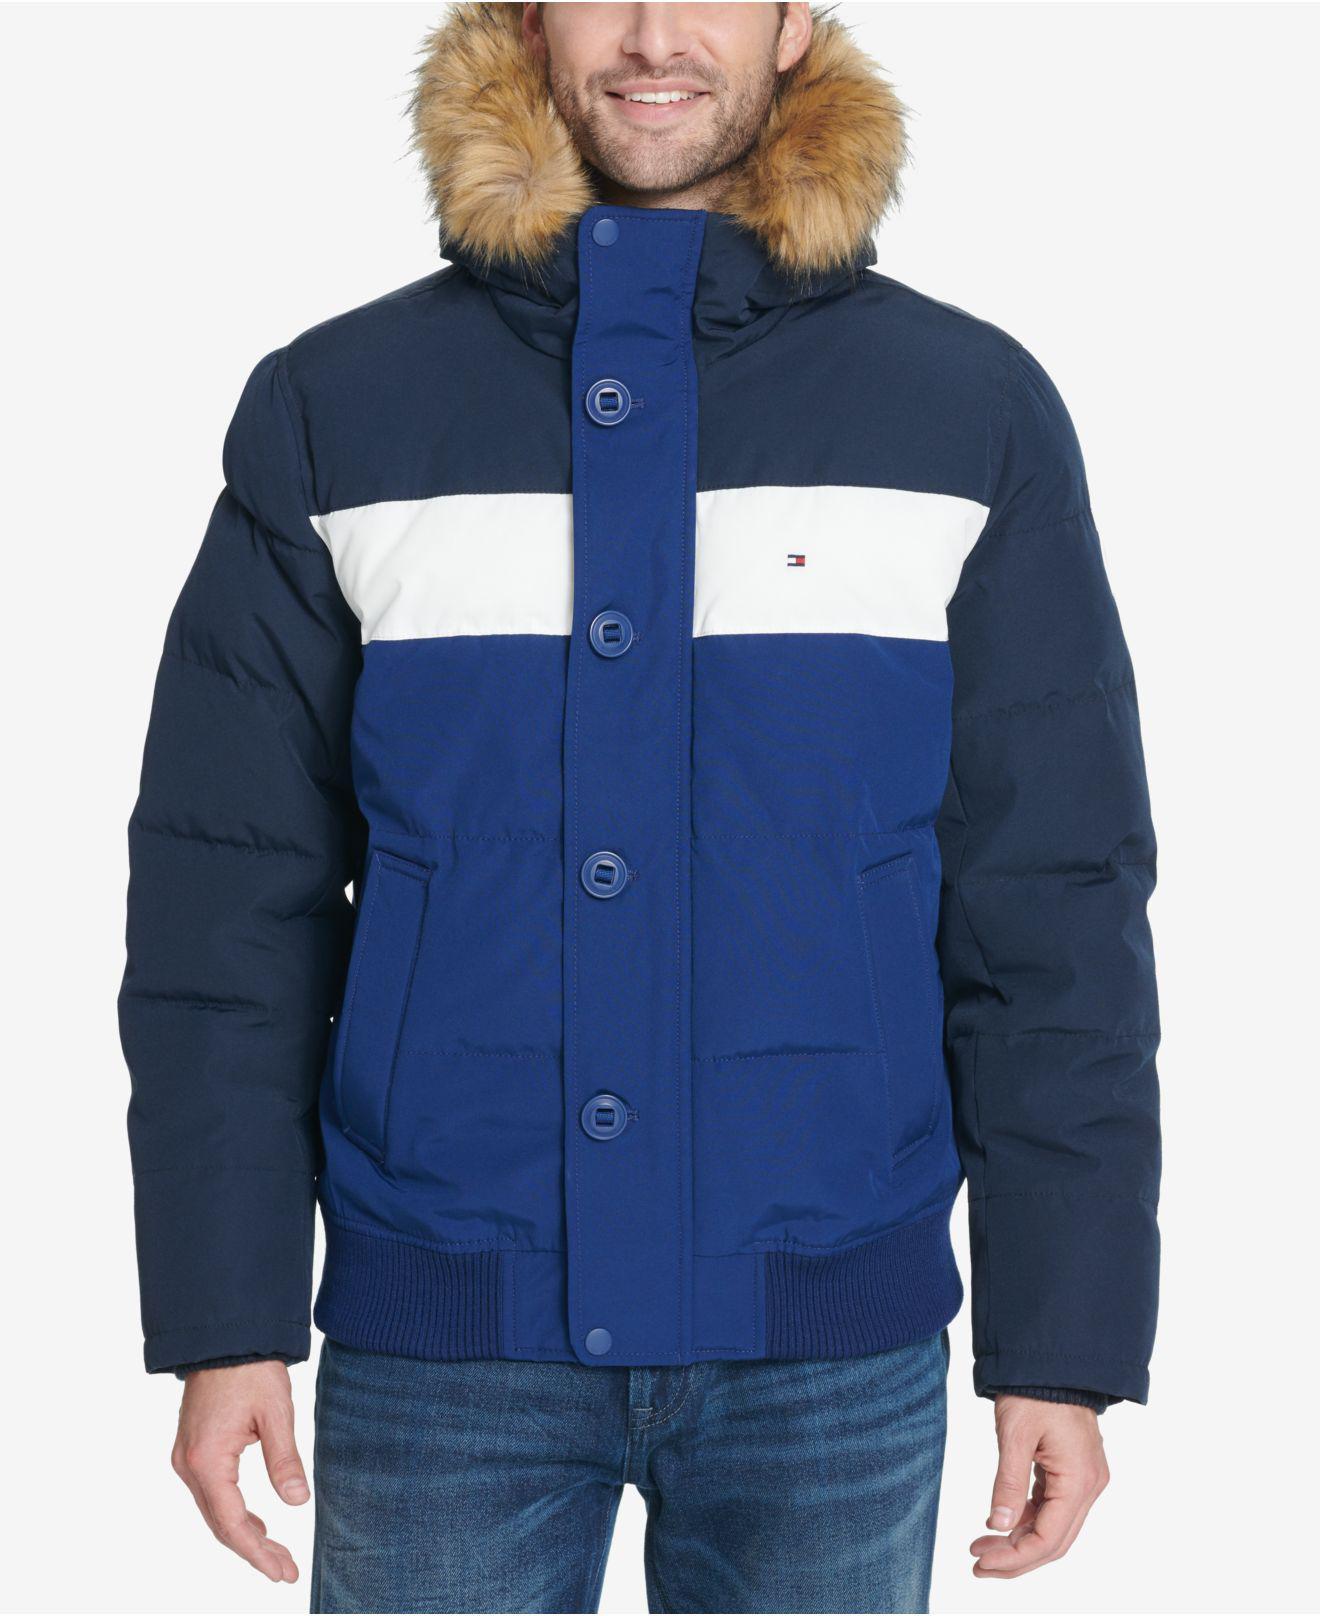 c60699194f324 Tommy Hilfiger. Men s Blue Short Colorblocked Parka With Faux-fur Trimmed  Hood